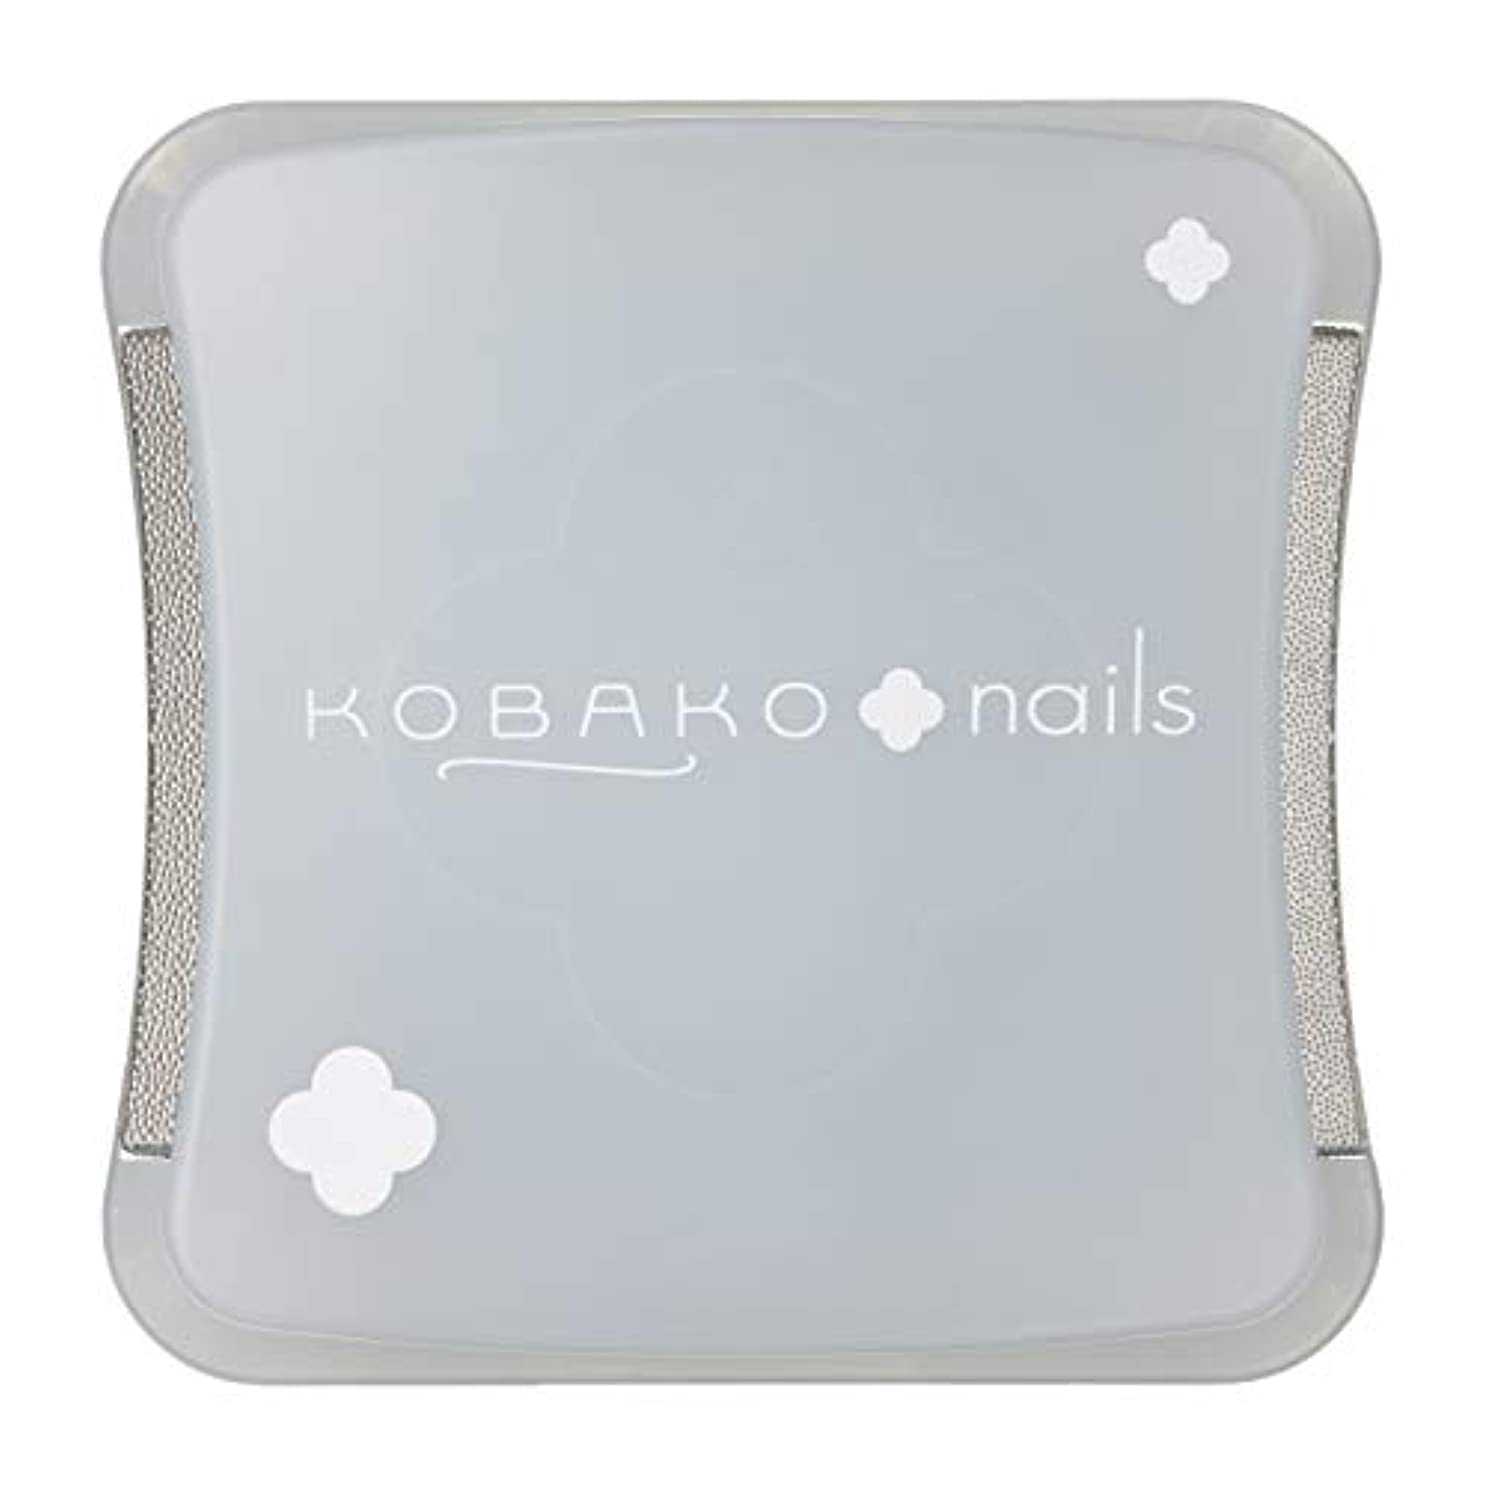 ボルト履歴書日KOBAKO(コバコ) コンパクトネイルファイル